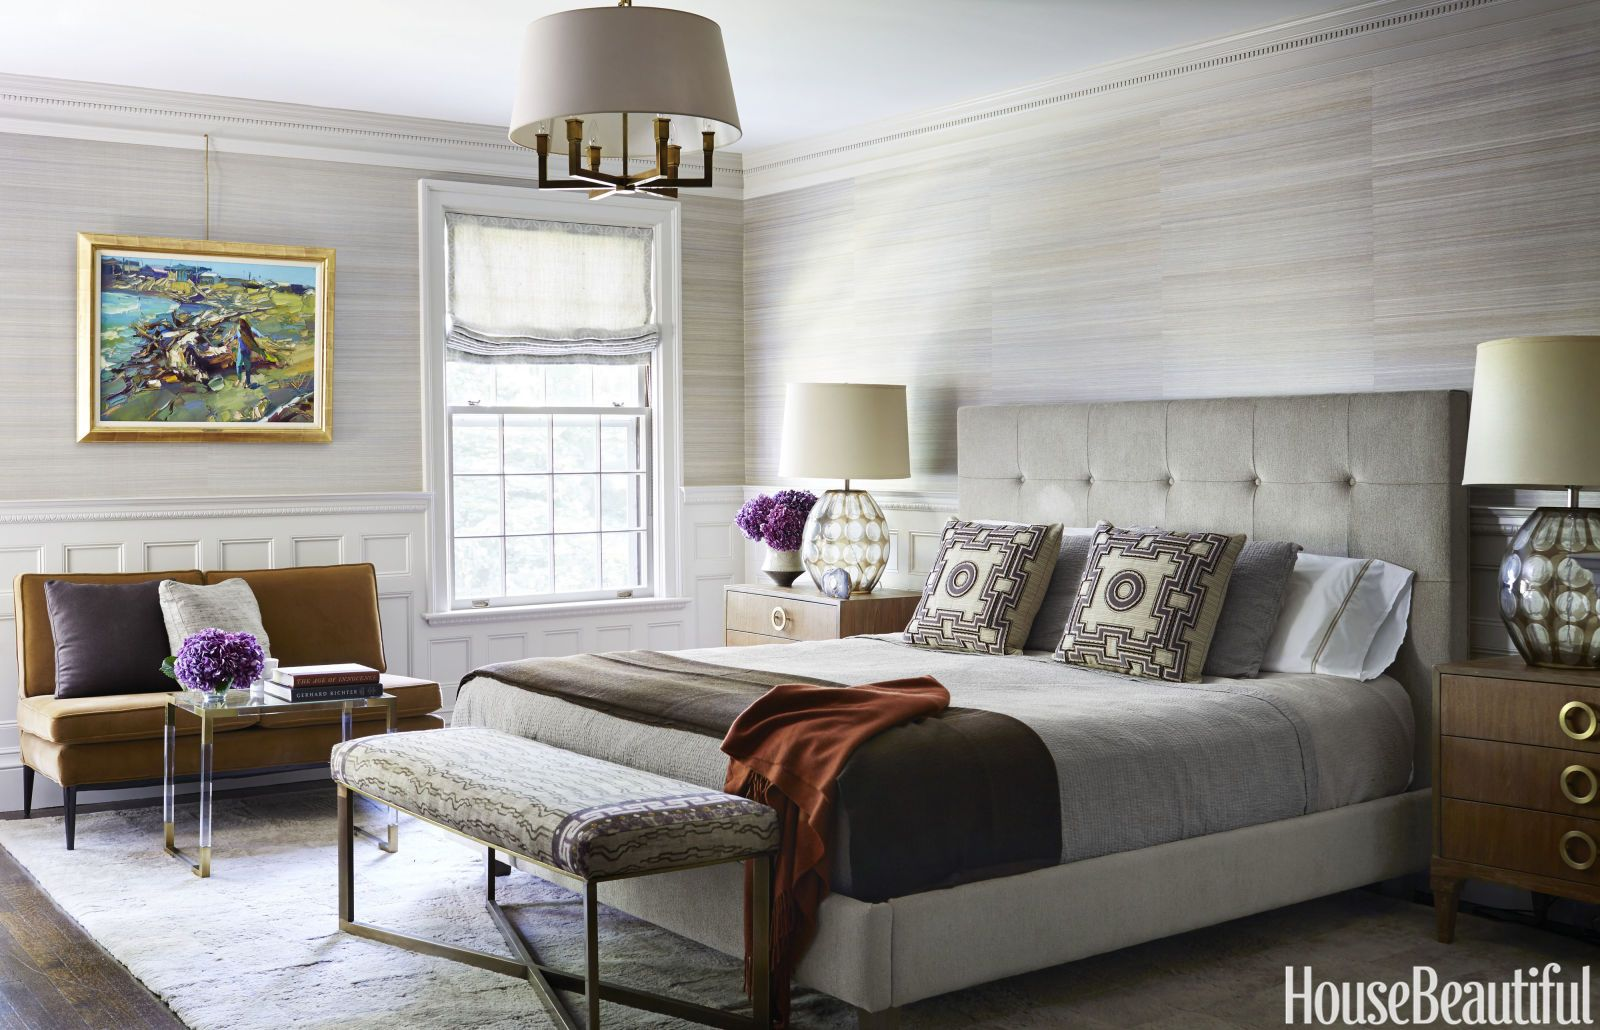 & 25 Best Gray Bedroom Ideas - Decorating Pictures of Gray Bedroom Design